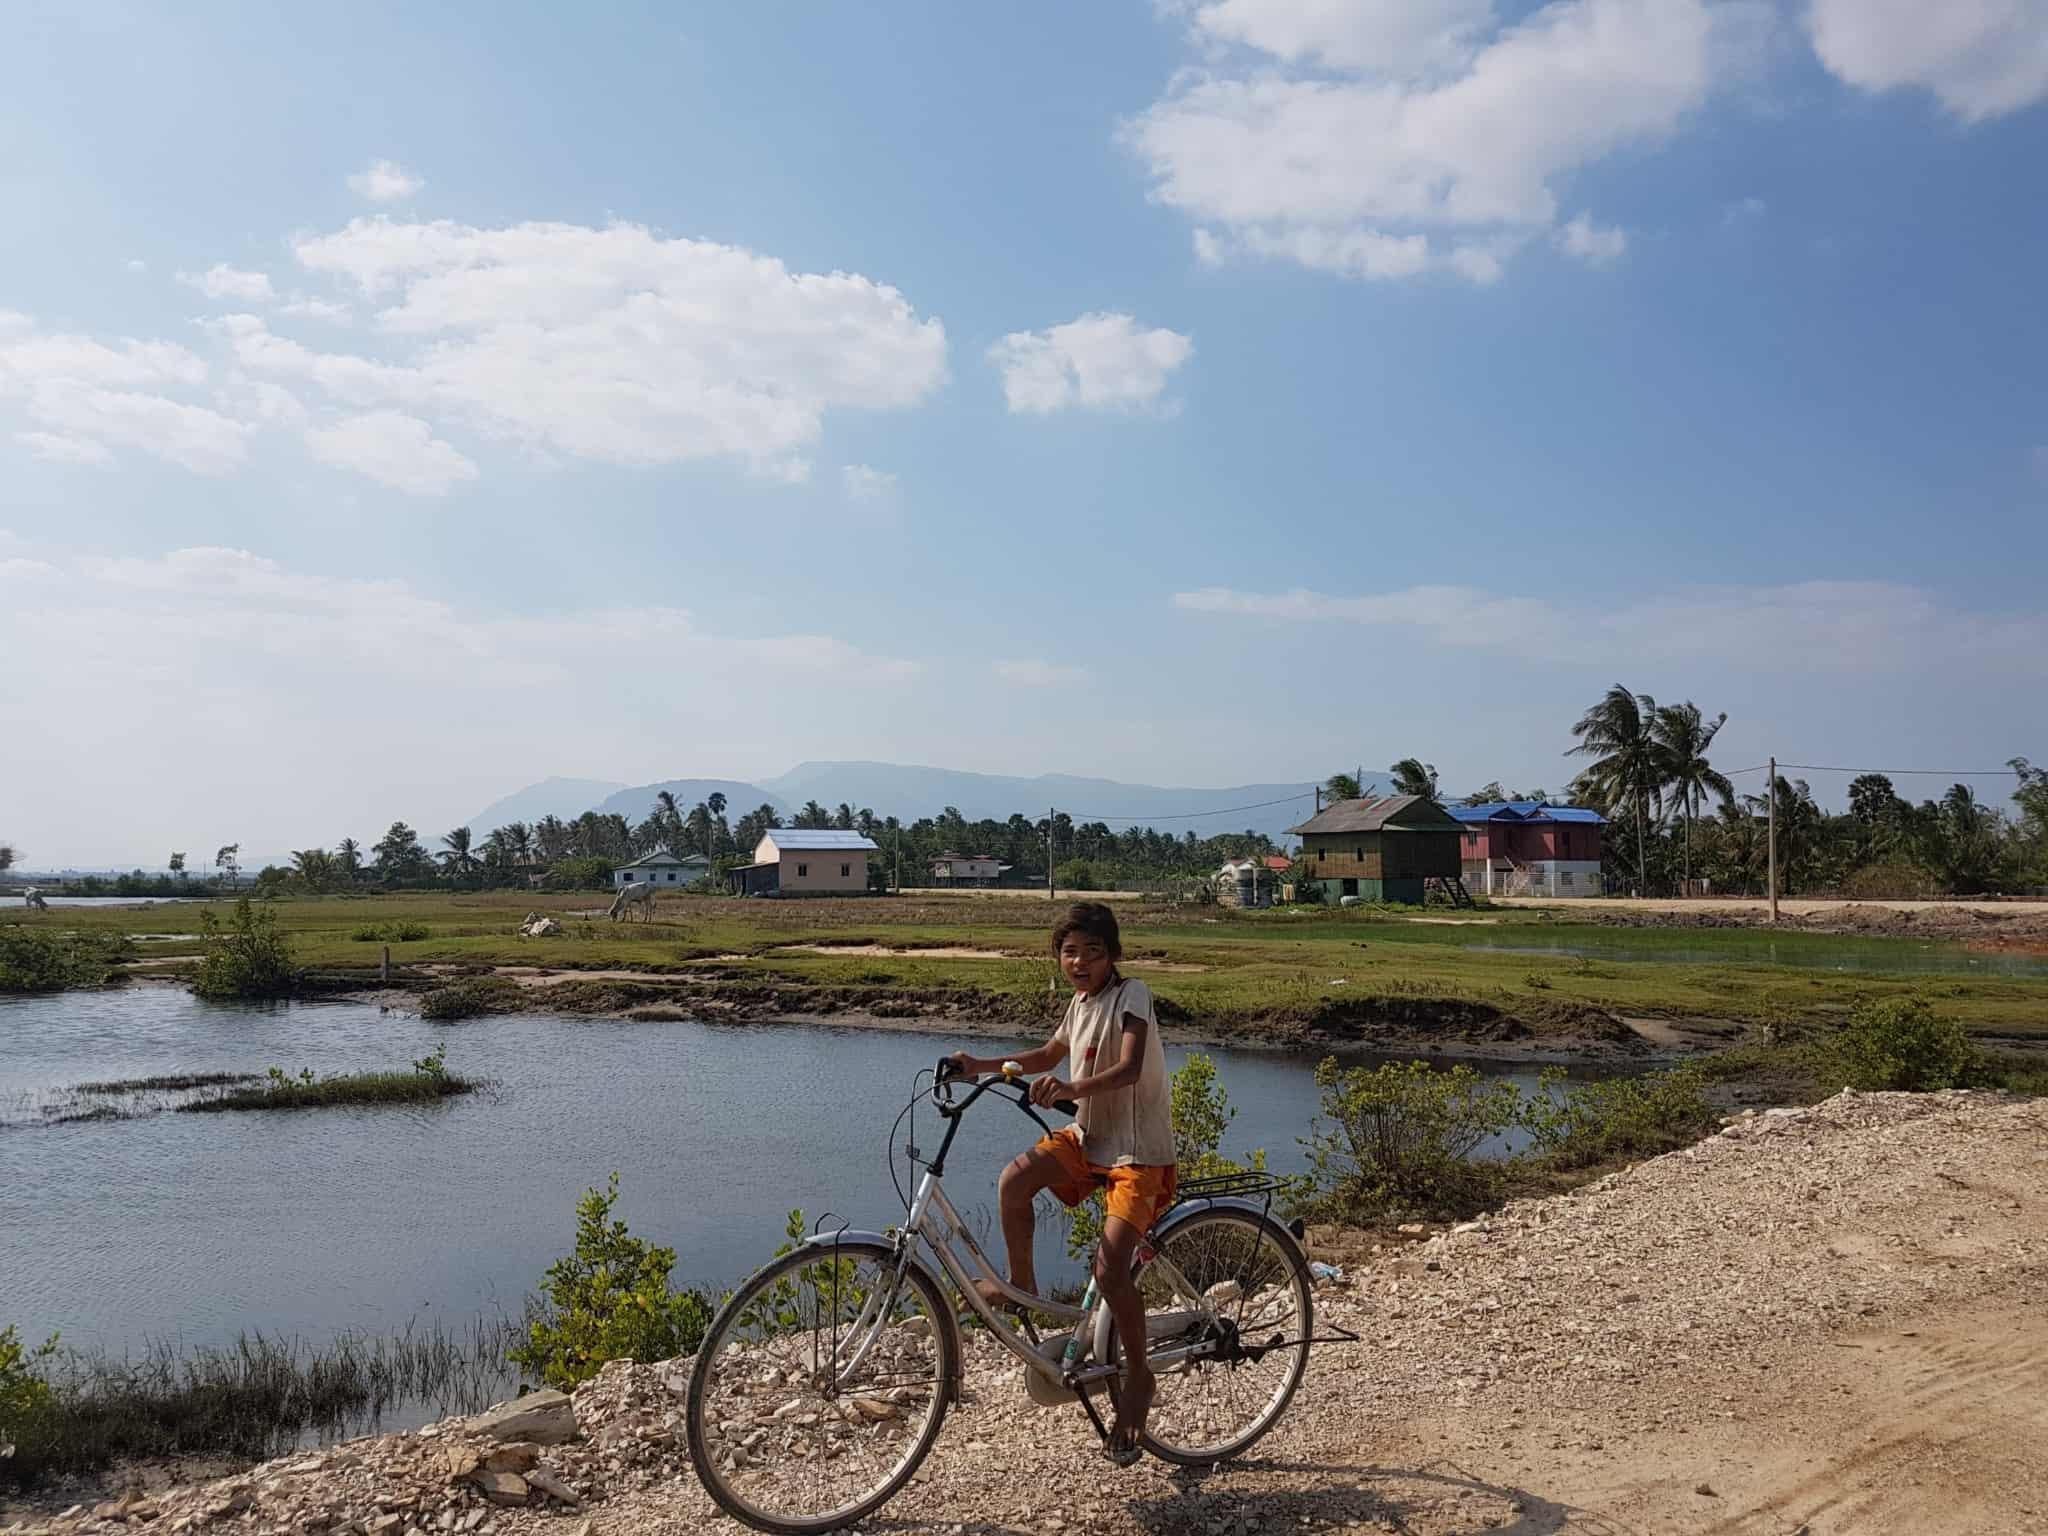 Cambodge, marais salants et hôtel de folie à Kampot 🤩 8